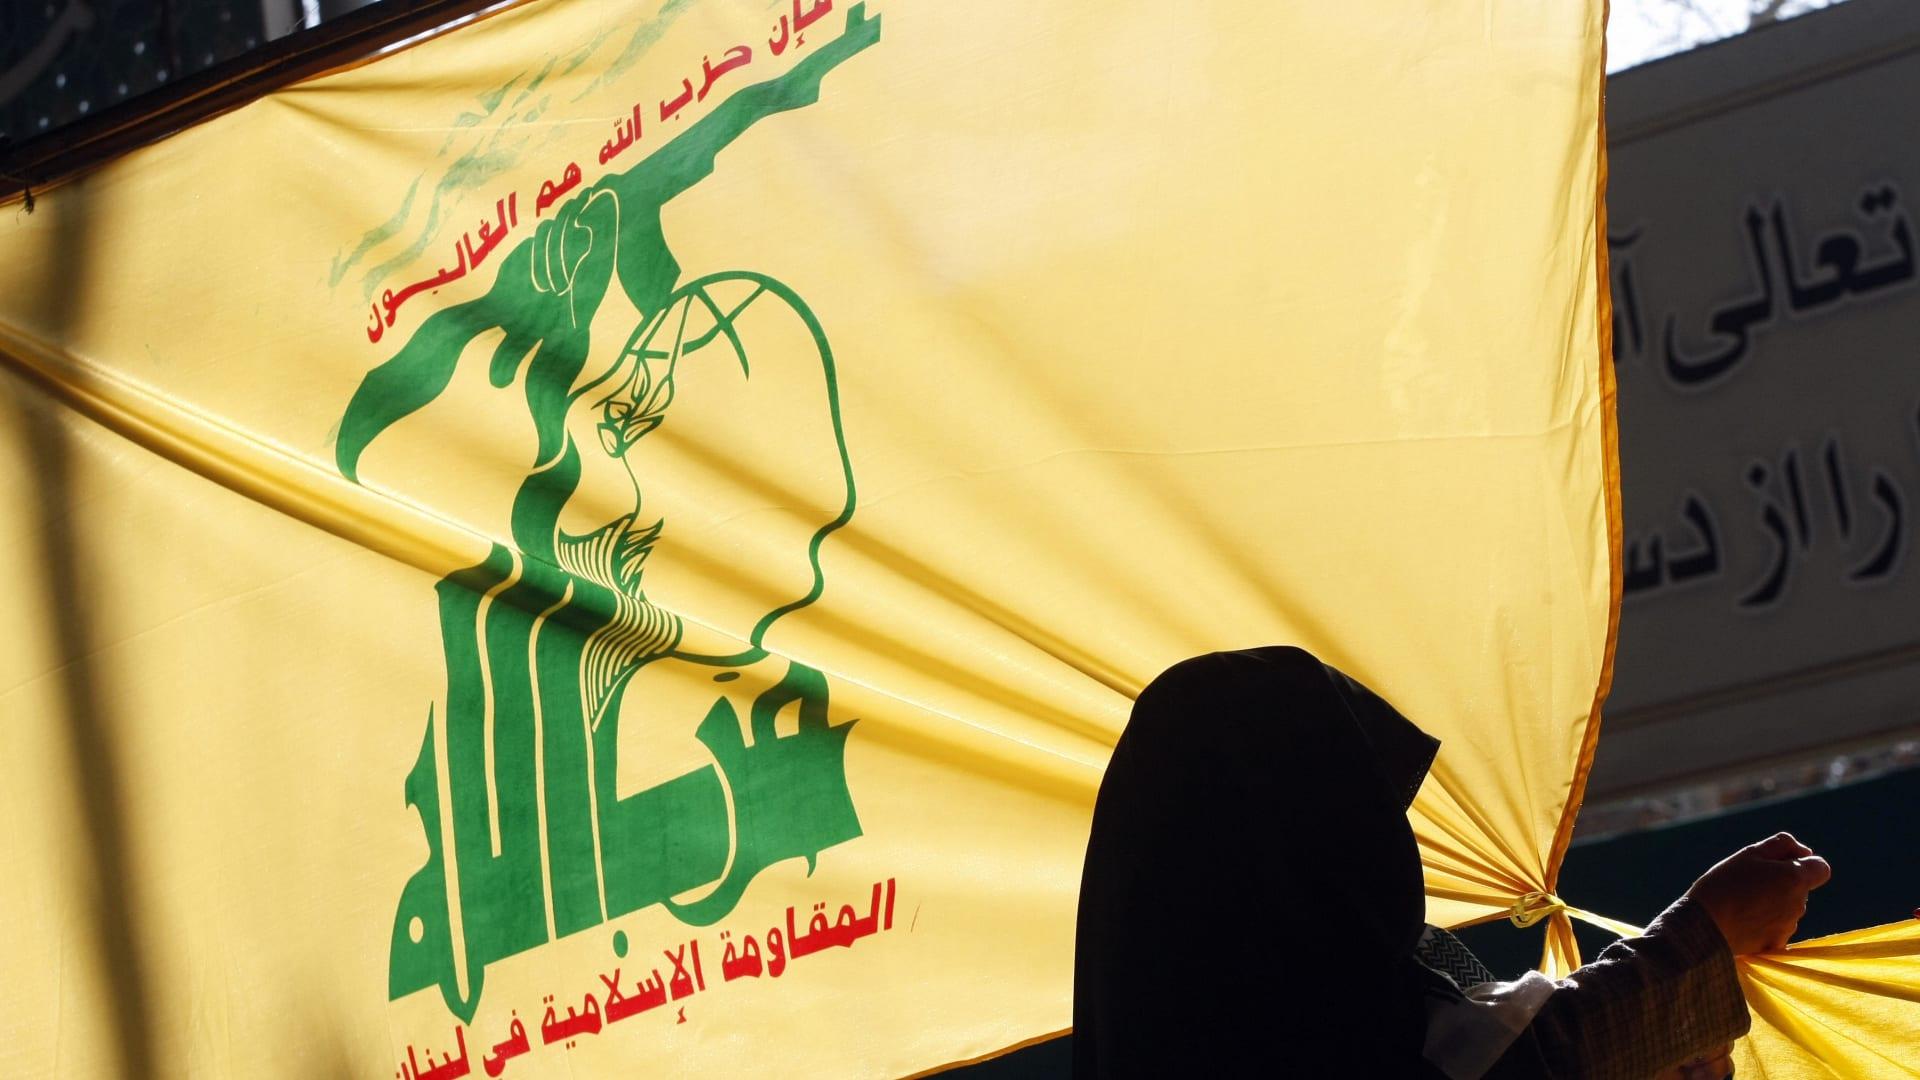 تعرّف إلى تفاصيل أكبر شبكة دعارة هزت لبنان بهذه المسرحية